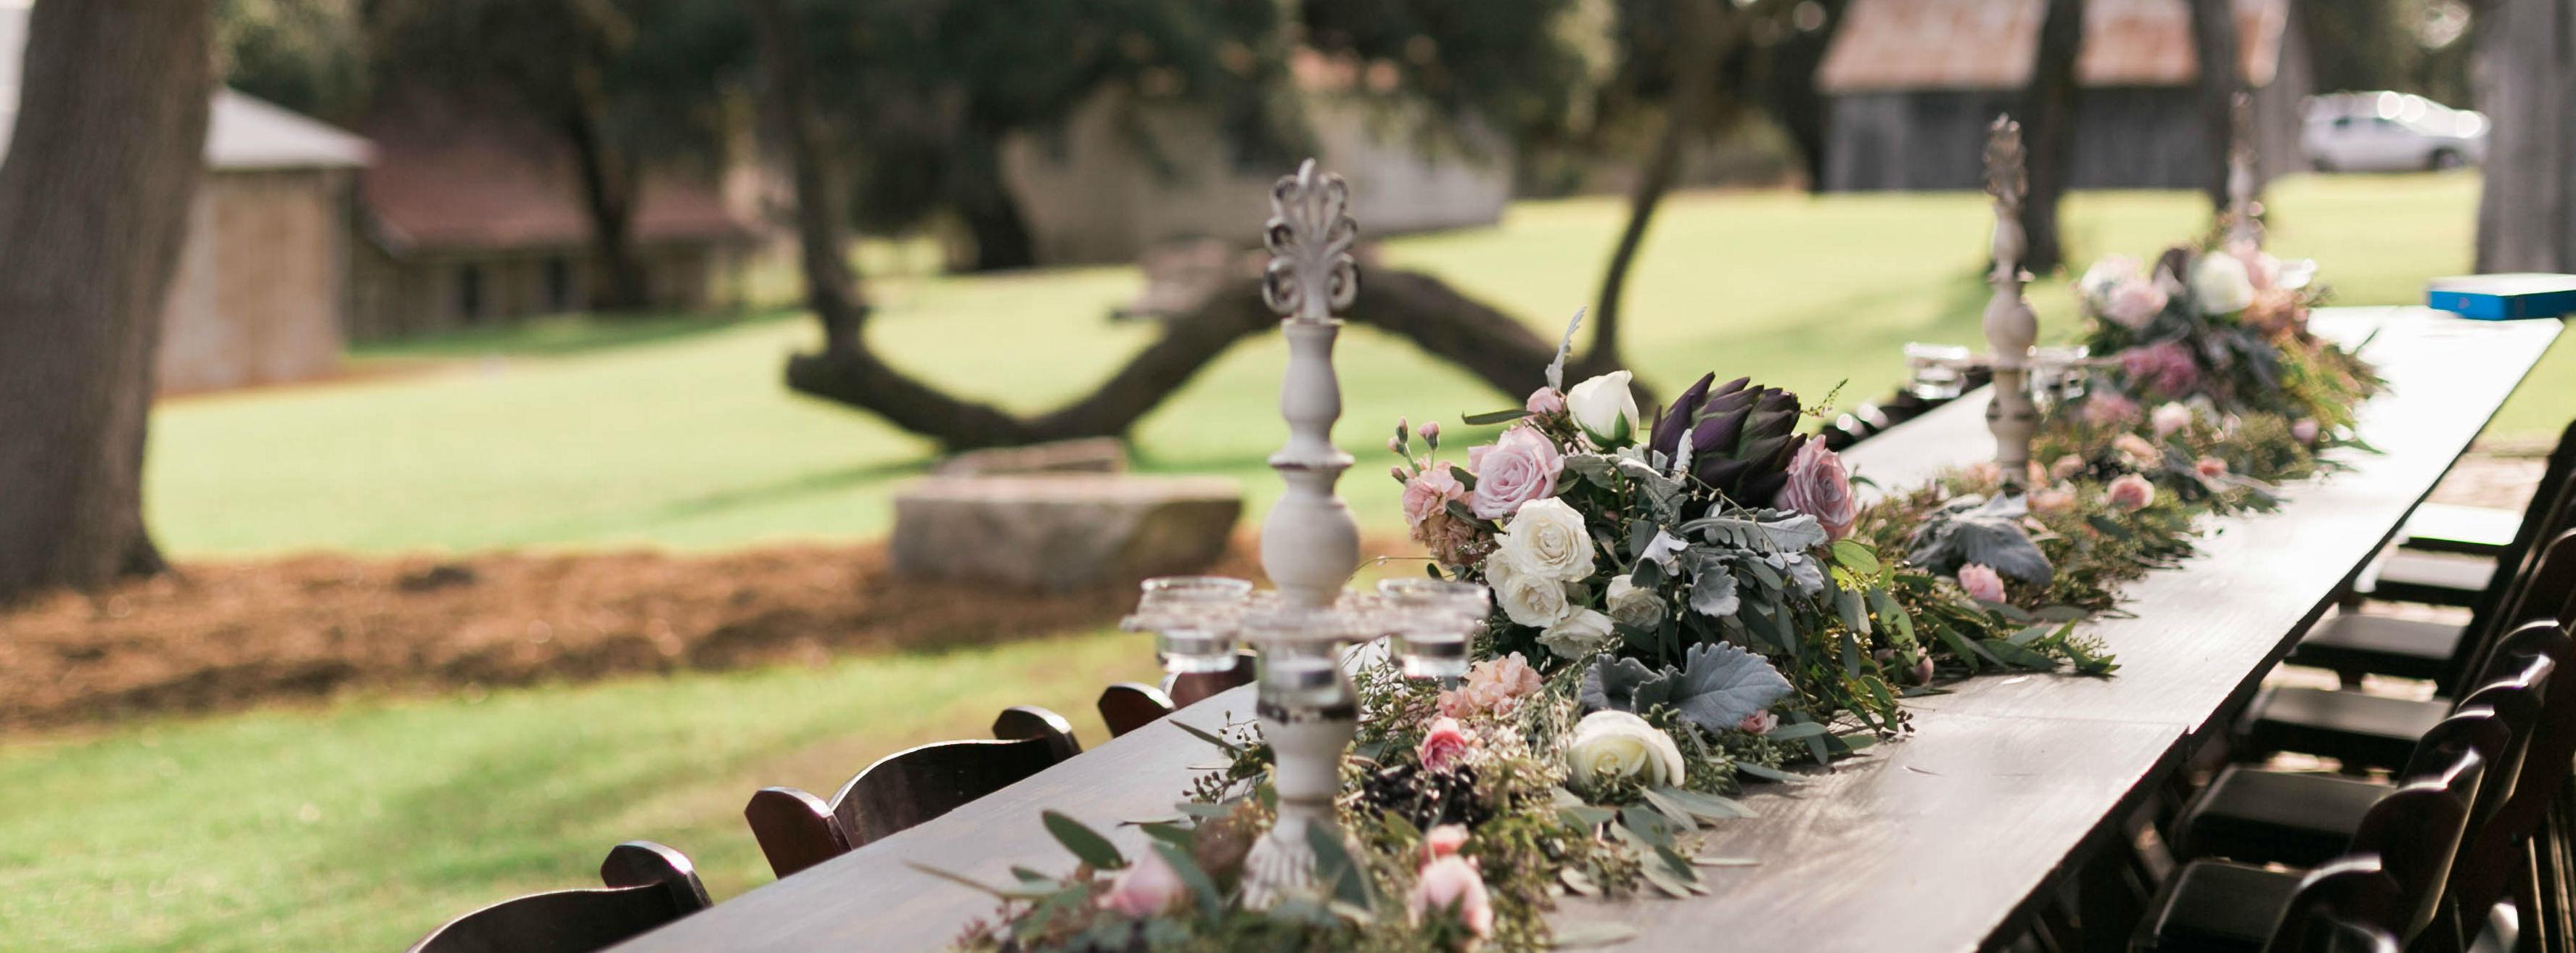 comfort cherokee rose wedding florist wilson's